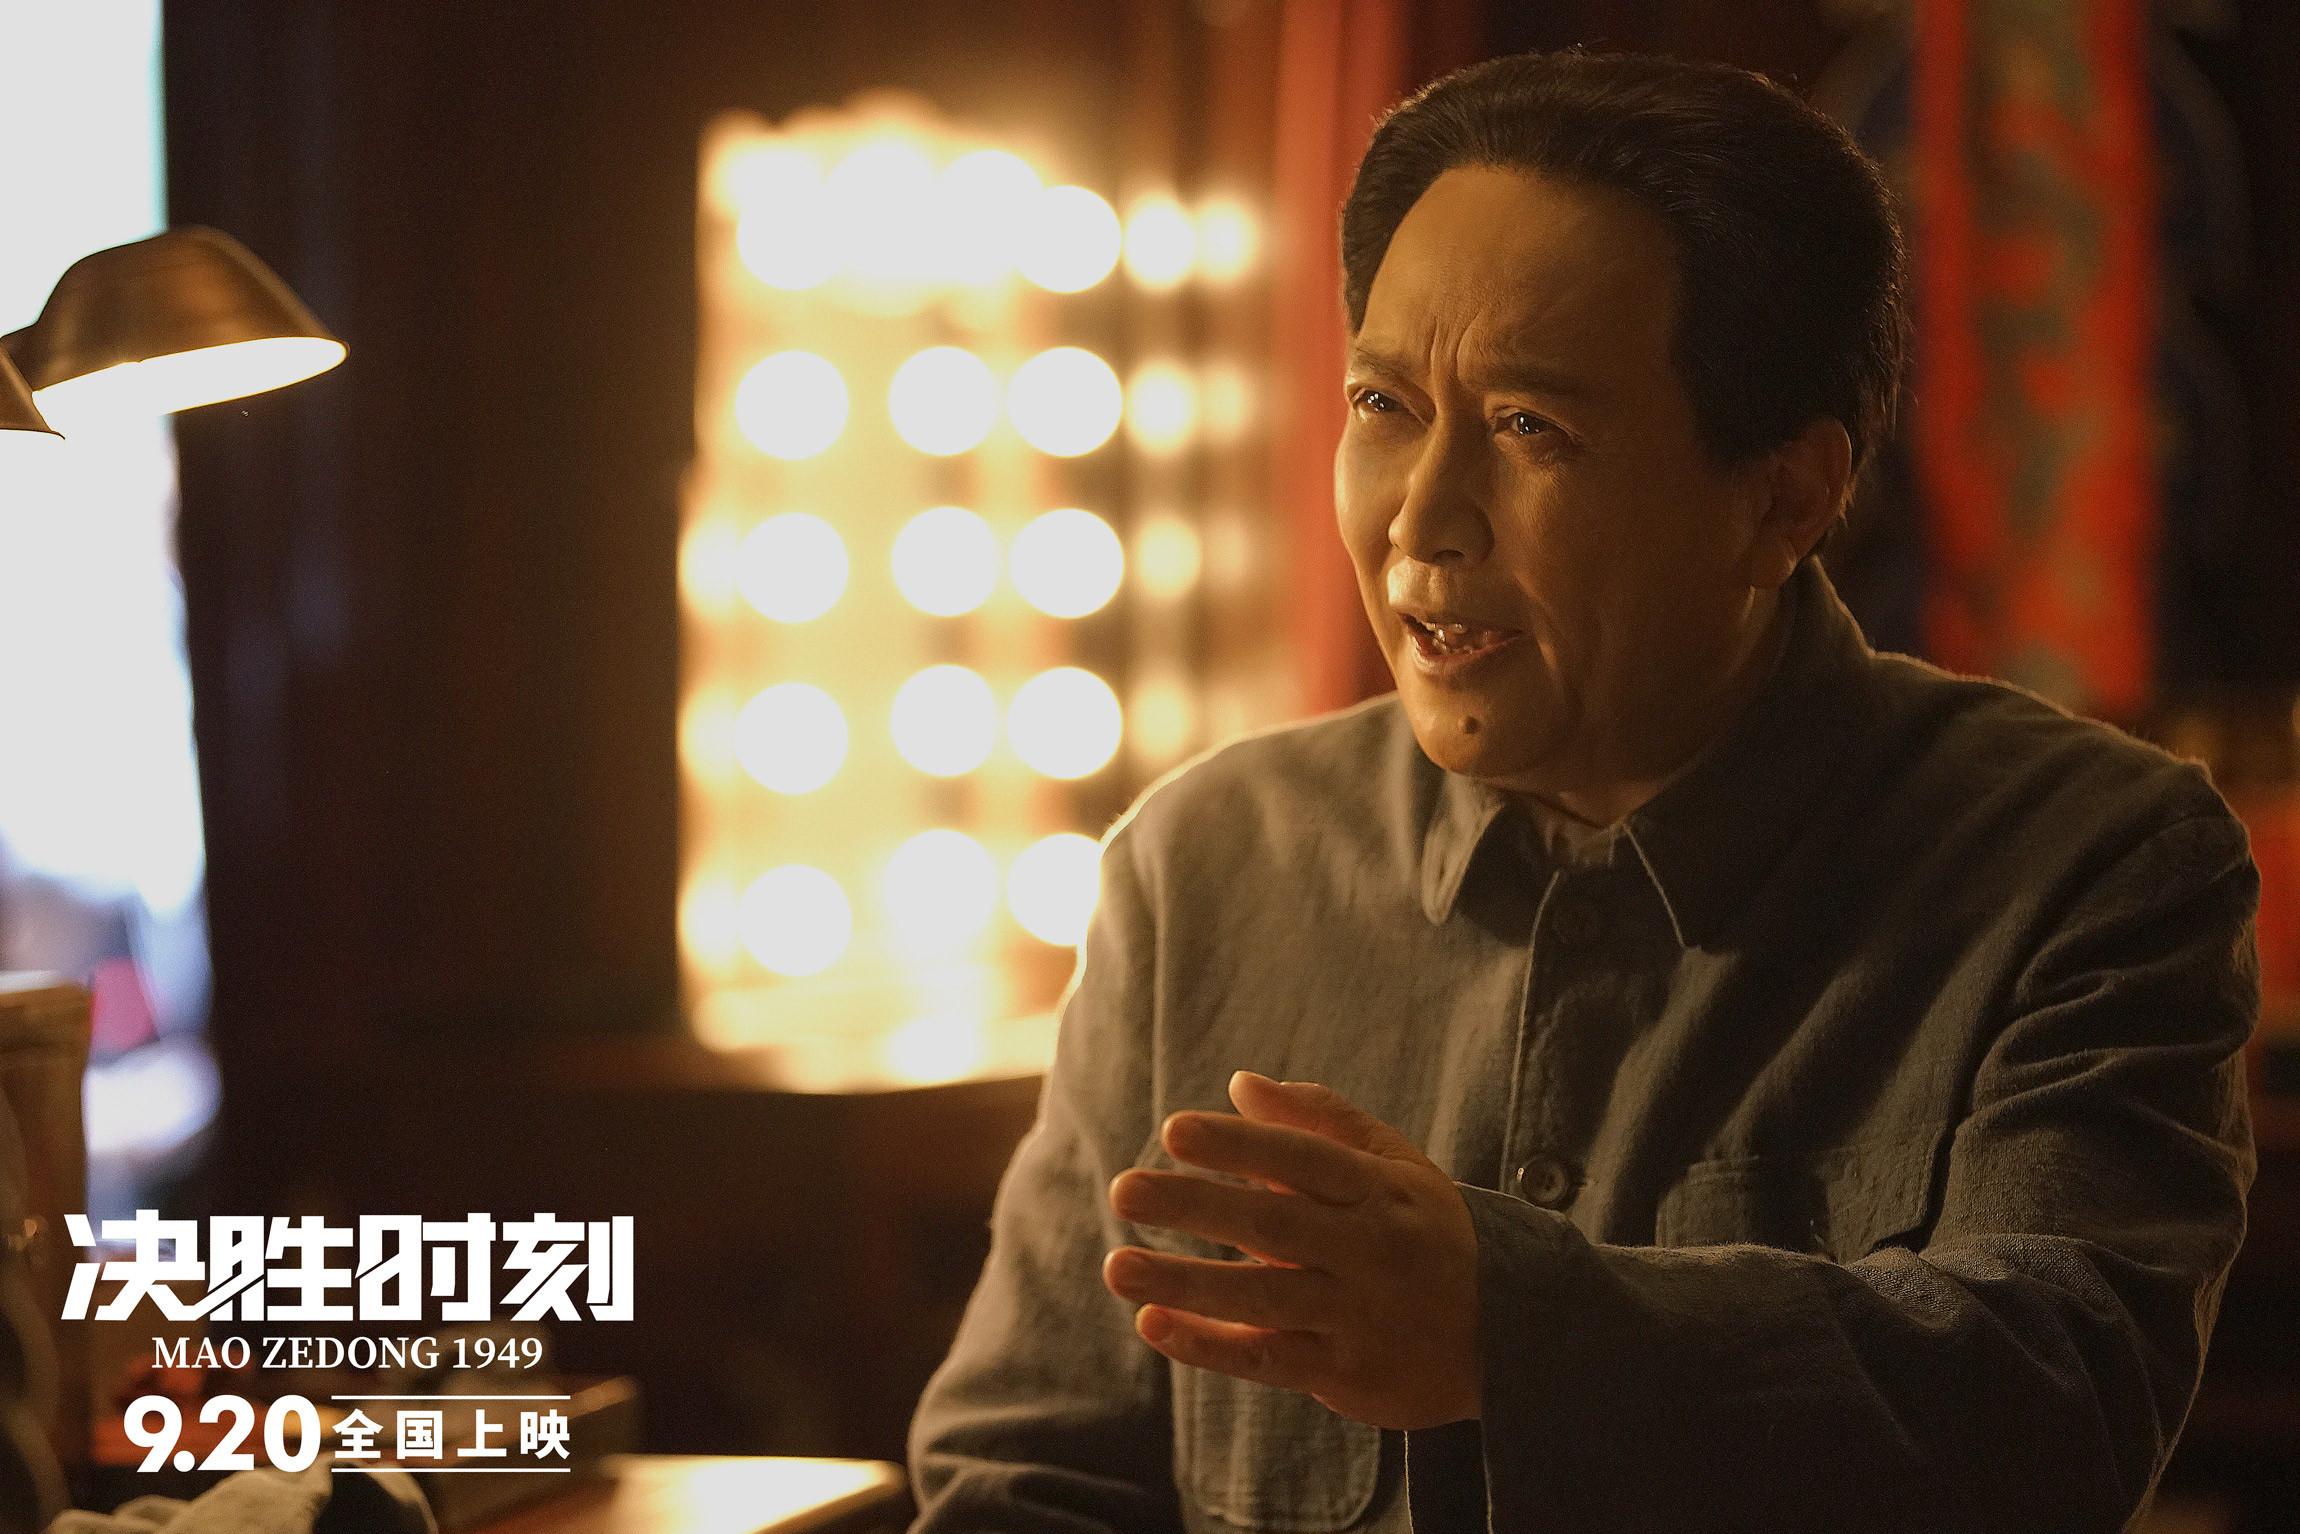 《决胜时刻》曝交锋预告 张涵予自荐饰演毛人凤